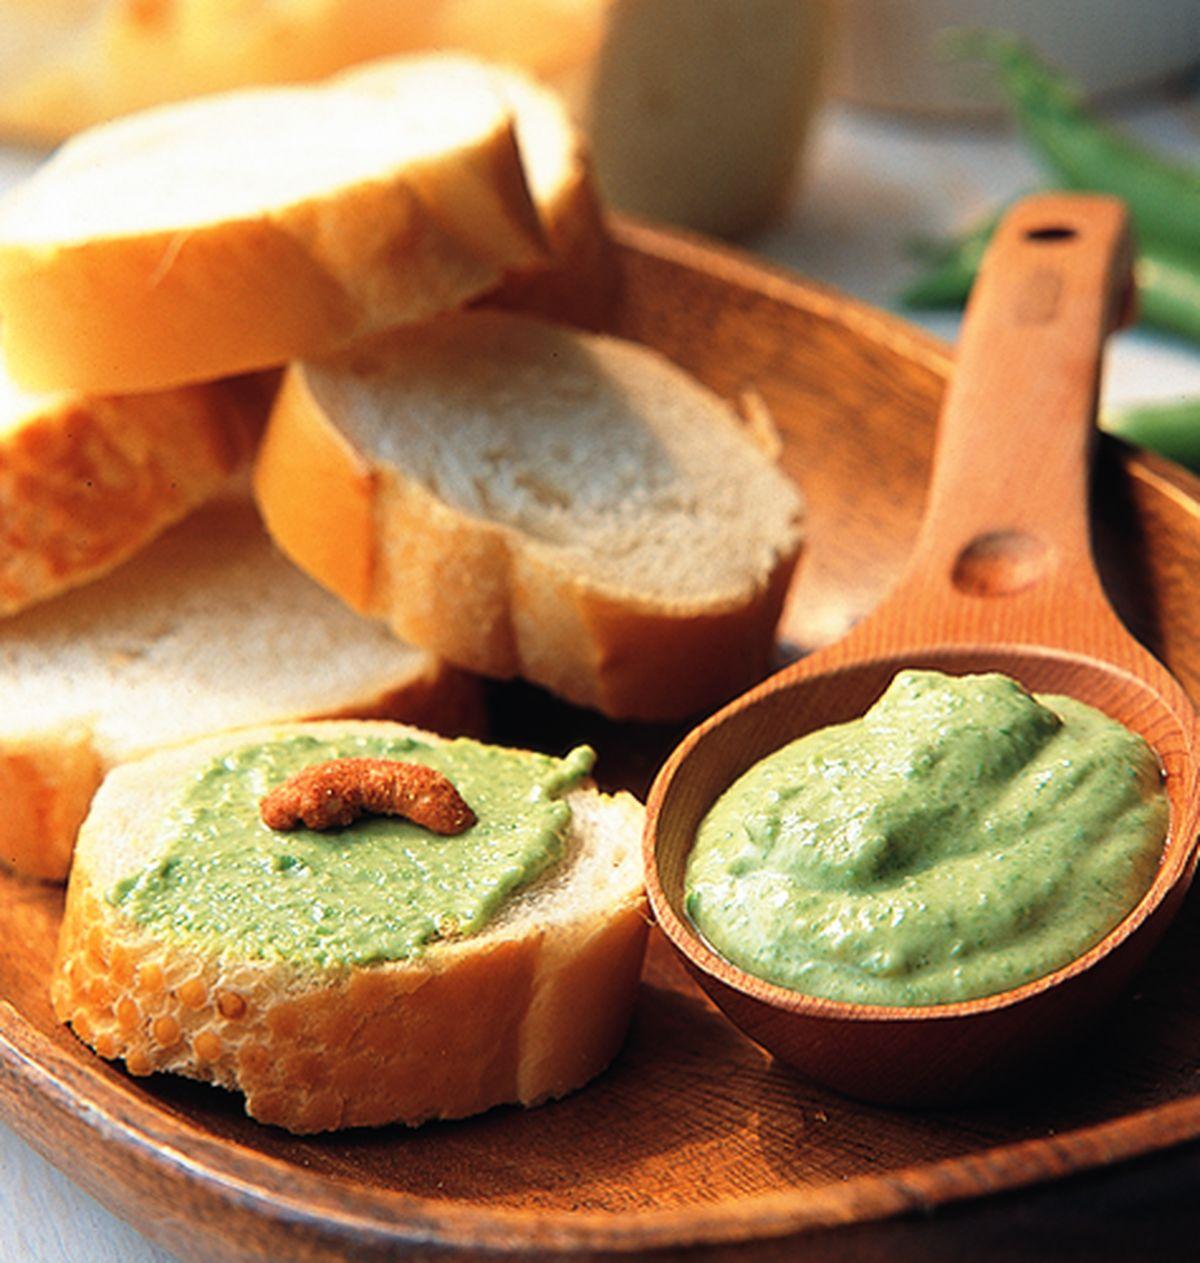 食譜:青泥腰果青沙拉